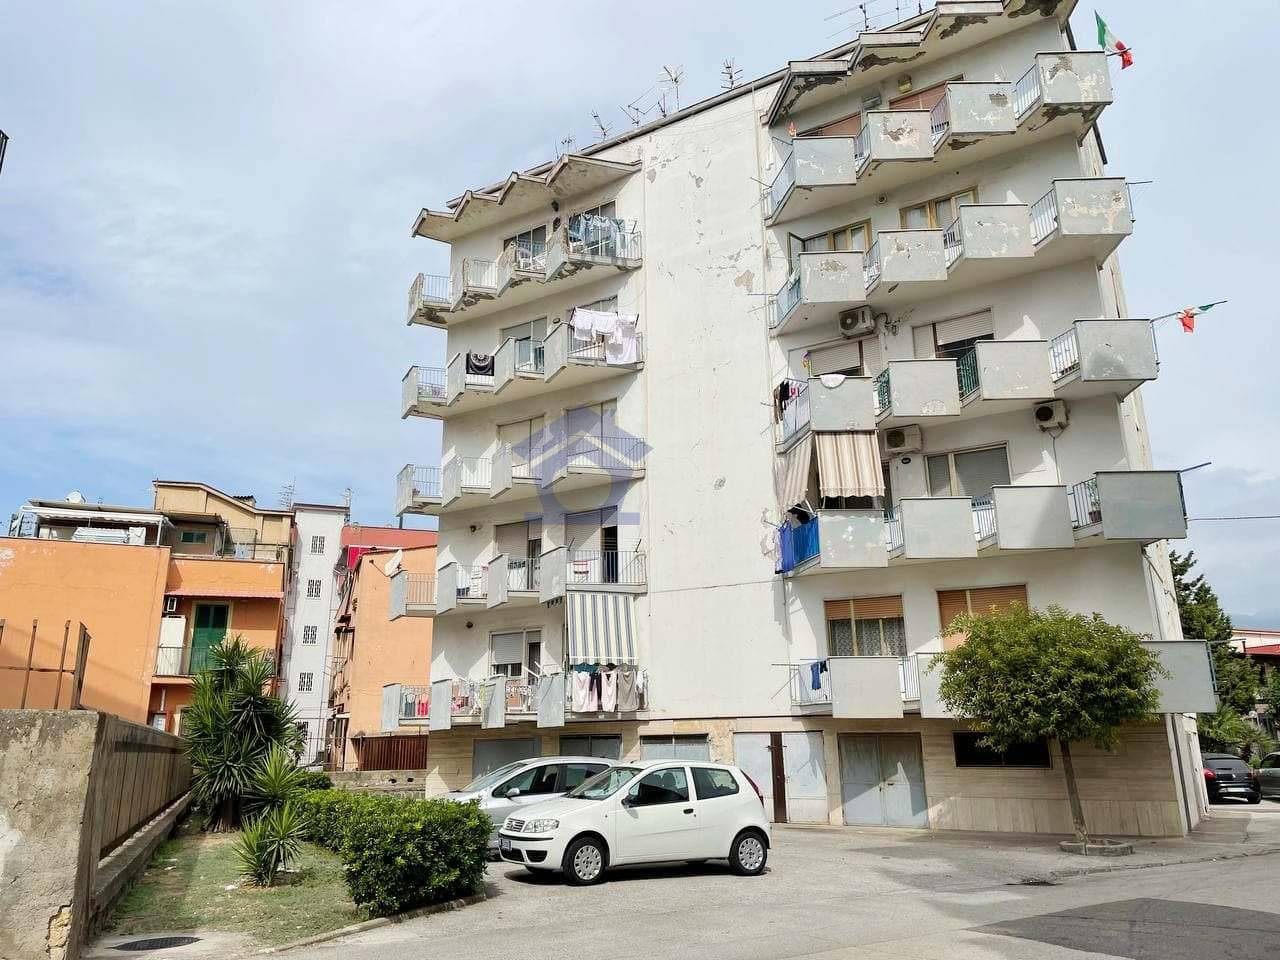 Appartamento in vendita a Torre Annunziata, 3 locali, zona Località: sud, prezzo € 110.000   CambioCasa.it